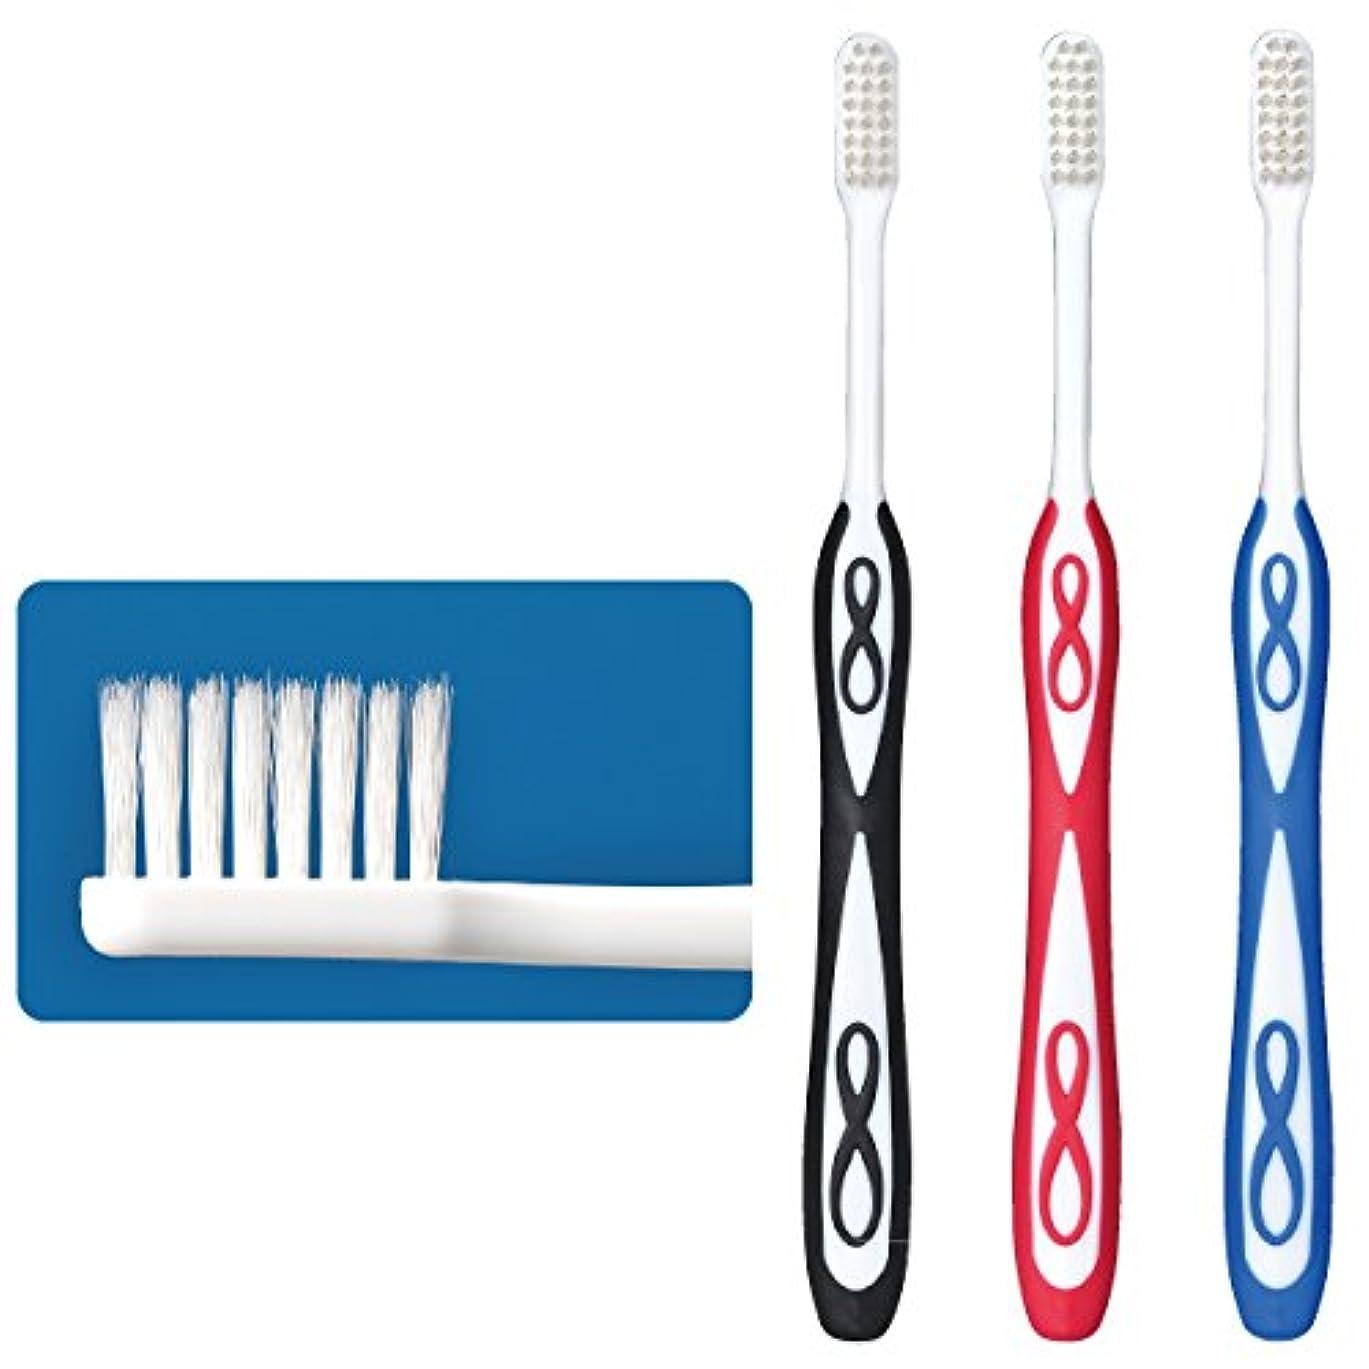 飽和するシネウィペフLover8(ラバーエイト)歯ブラシ レギュラータイプ オールテーパー毛 Mふつう 30本入